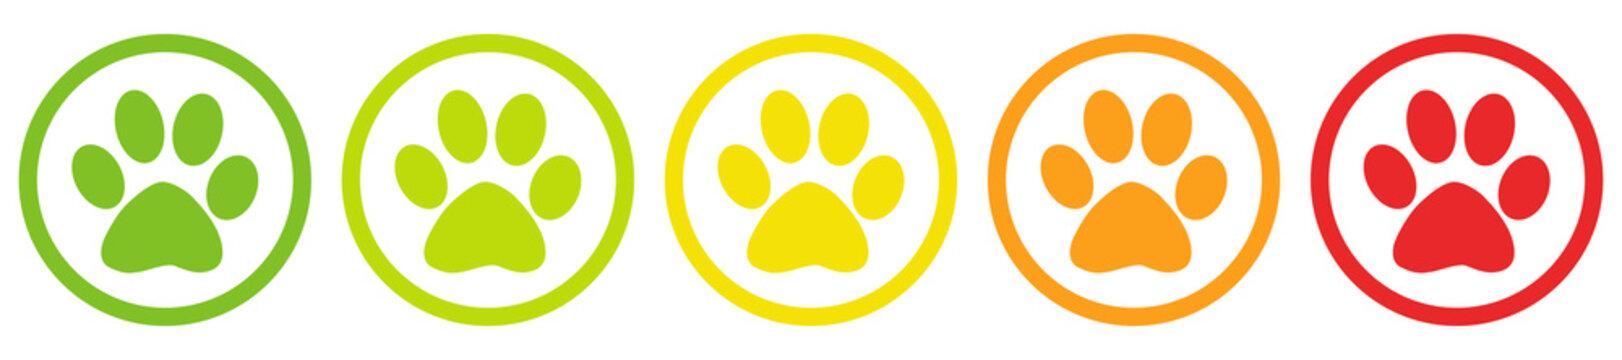 Tier Pfoten Bewertung System Buttons von grün bis rot